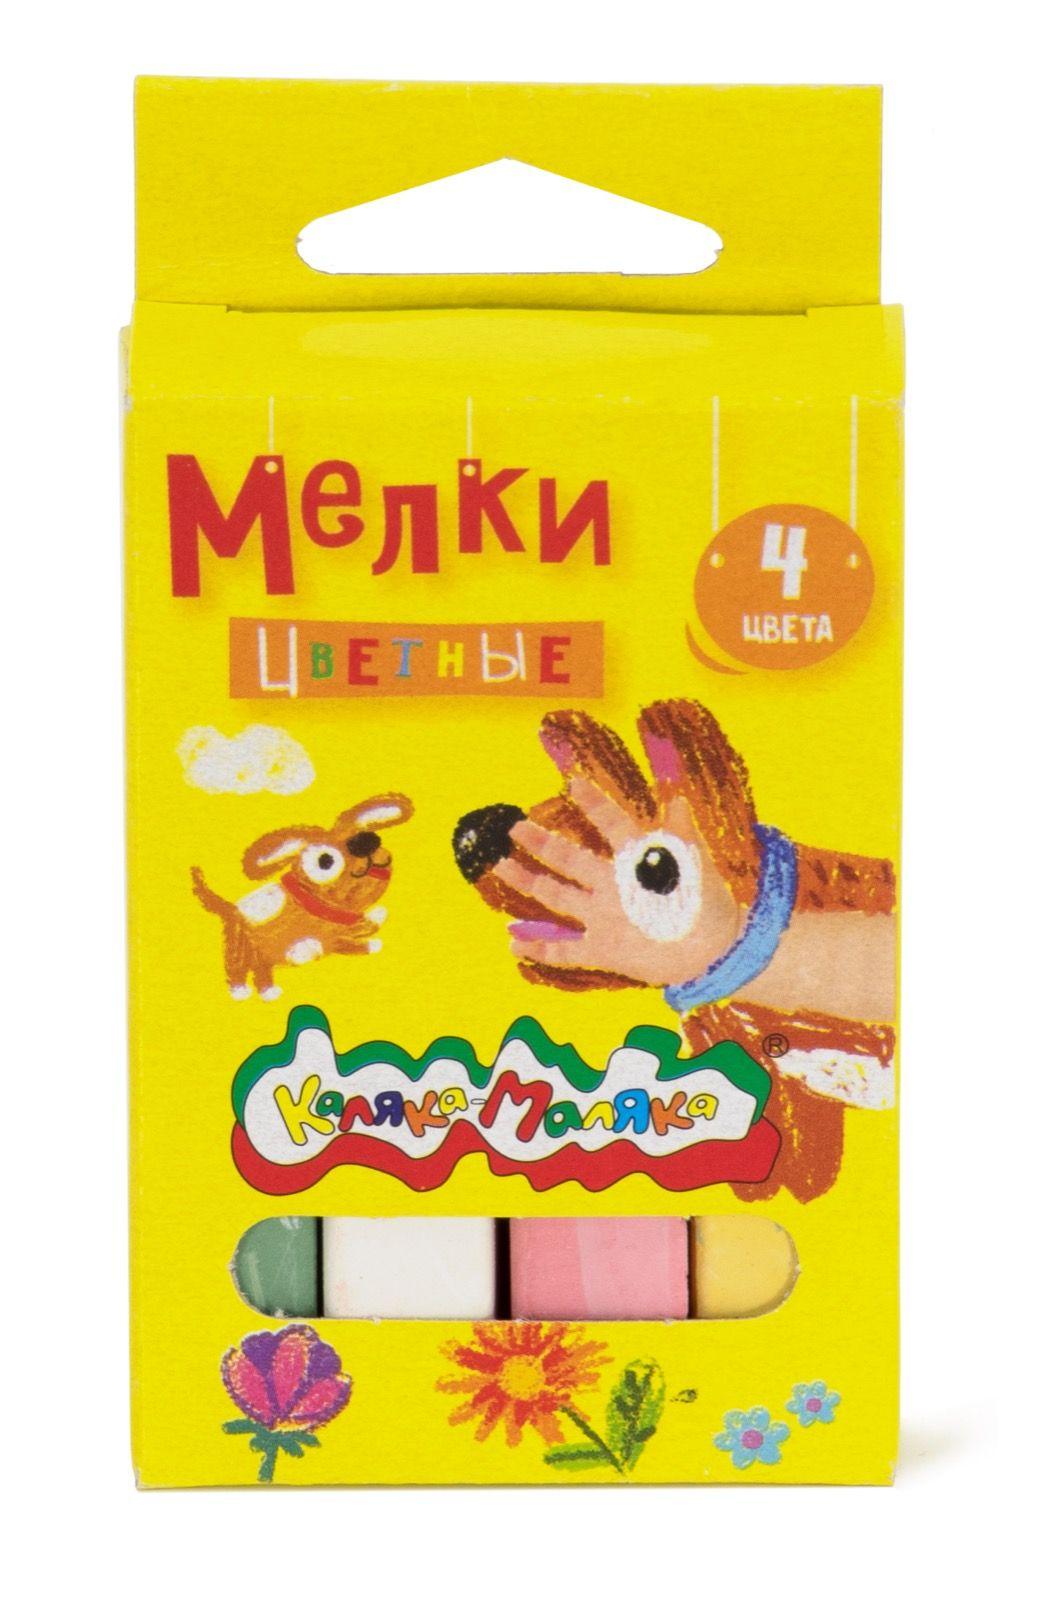 Мелки цветные Каляка-Маляка 4 шт., картонная упаковка, европодвес